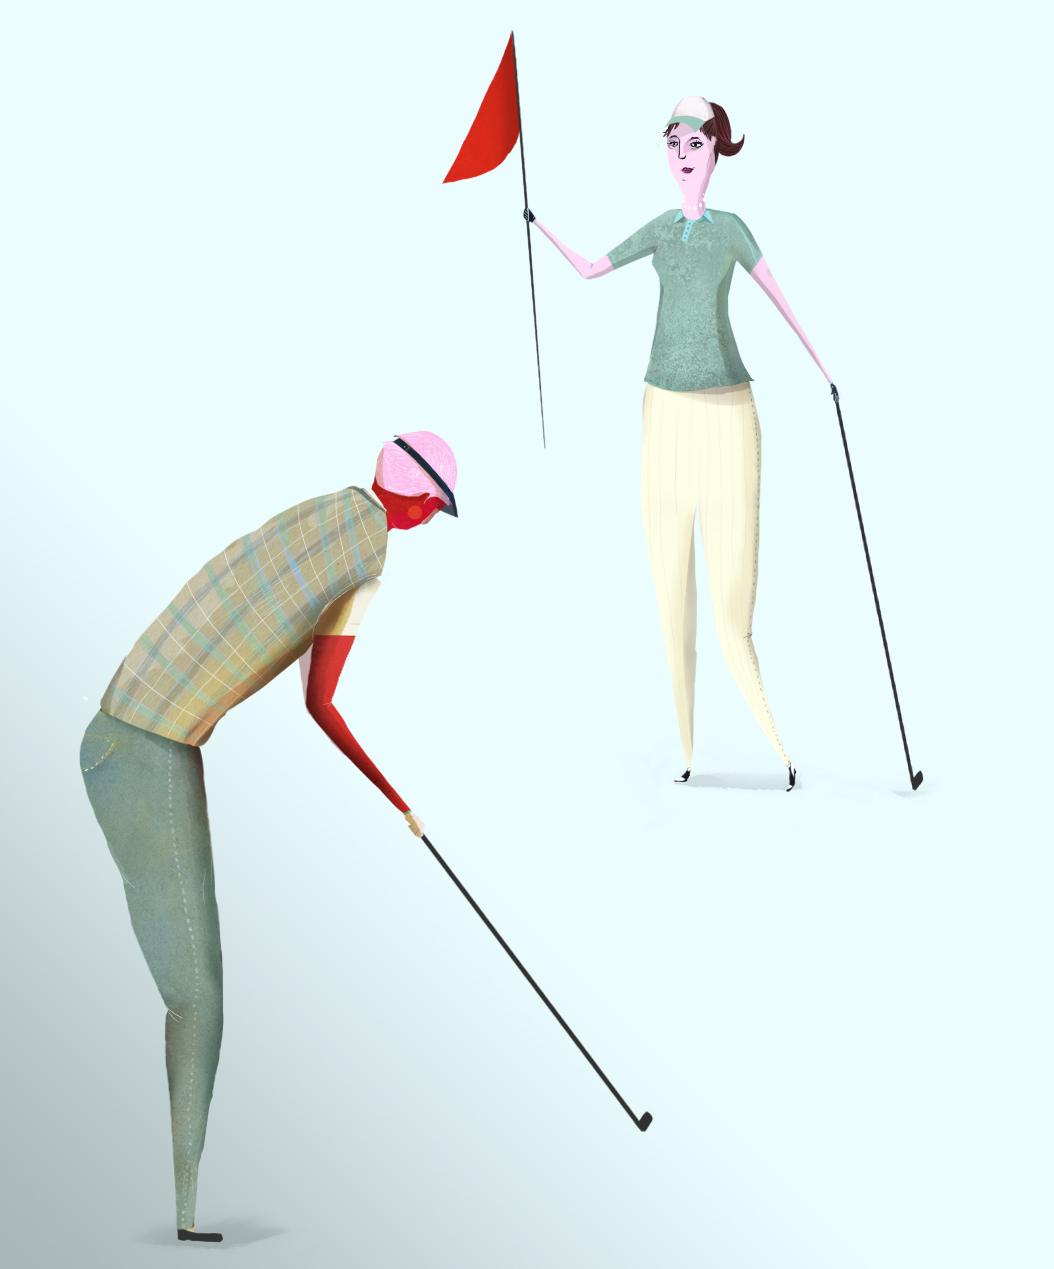 sarahorenstein_hyatt_golfers.jpg